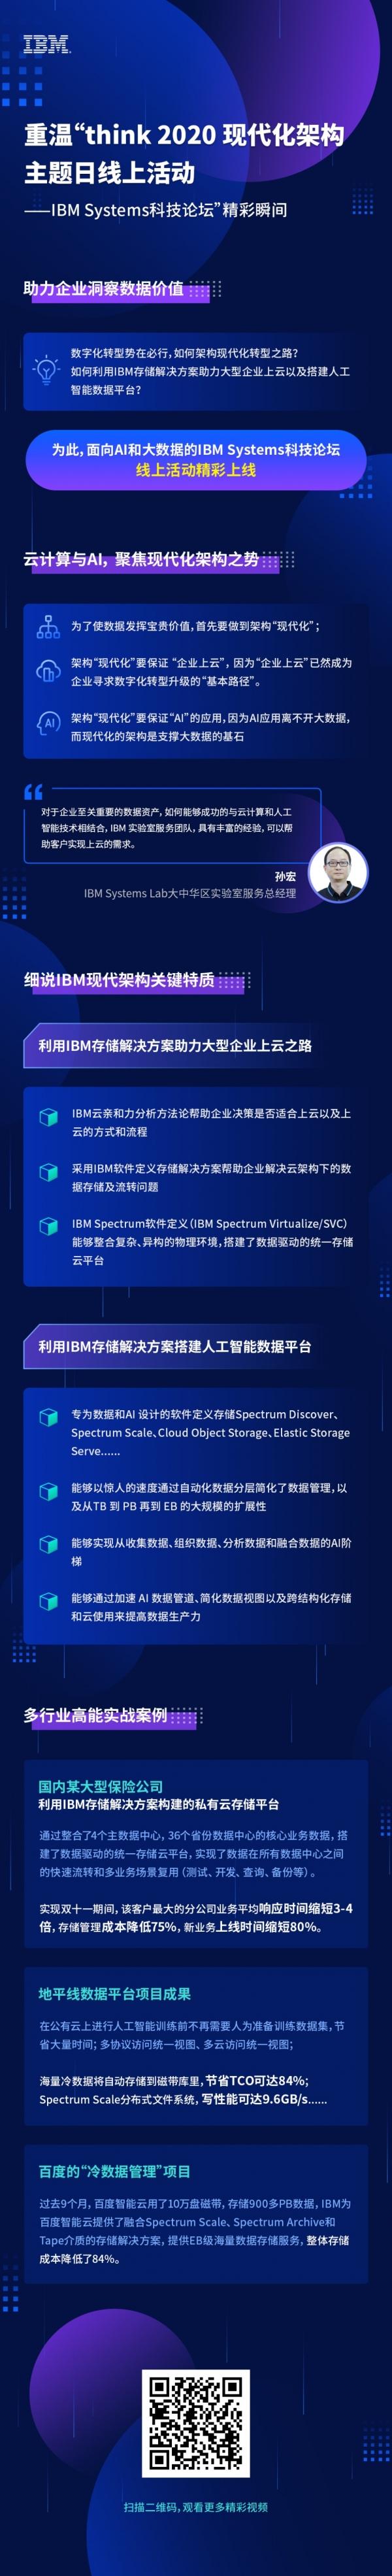 """重温""""think 2020 现代化架构主题日线上活动——IBM Systems科技论坛""""精彩瞬间"""